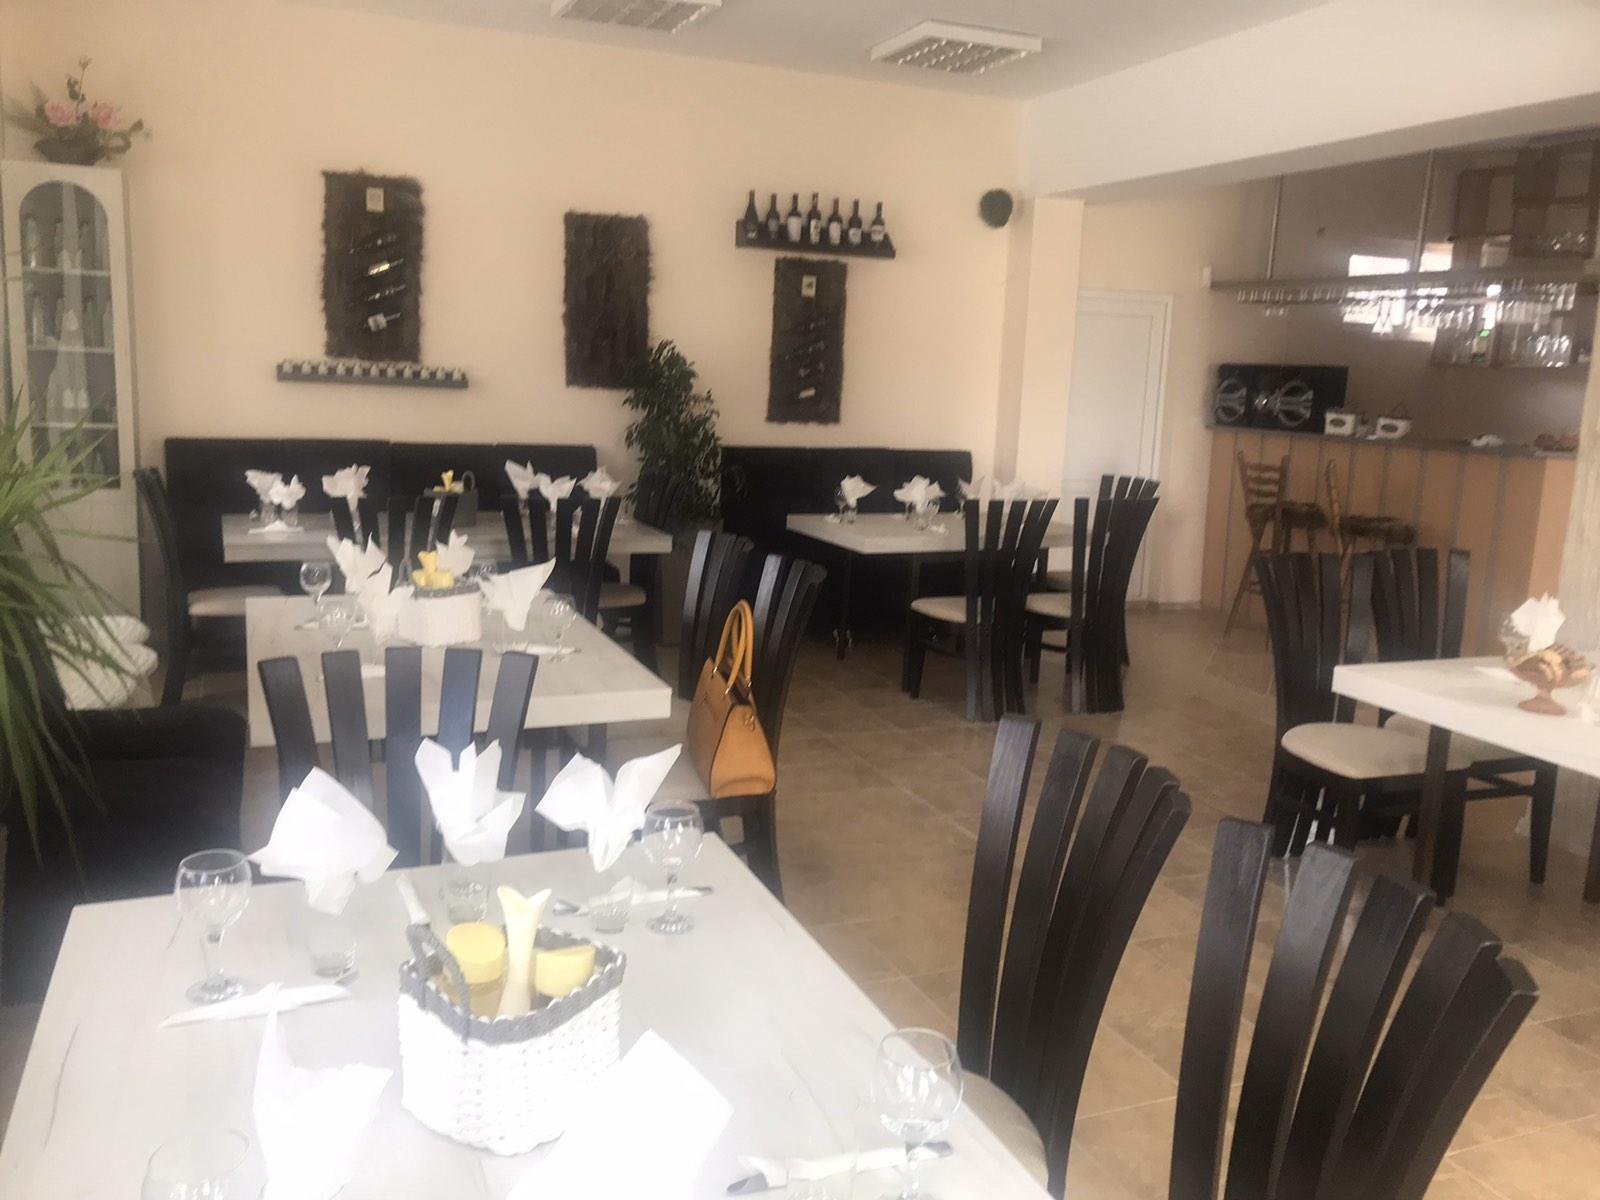 Нощувка за 15 човека + ползване на оборудван ресторант + зала за хранене от Семеен хотел Его, с. Минерални бани, снимка 5